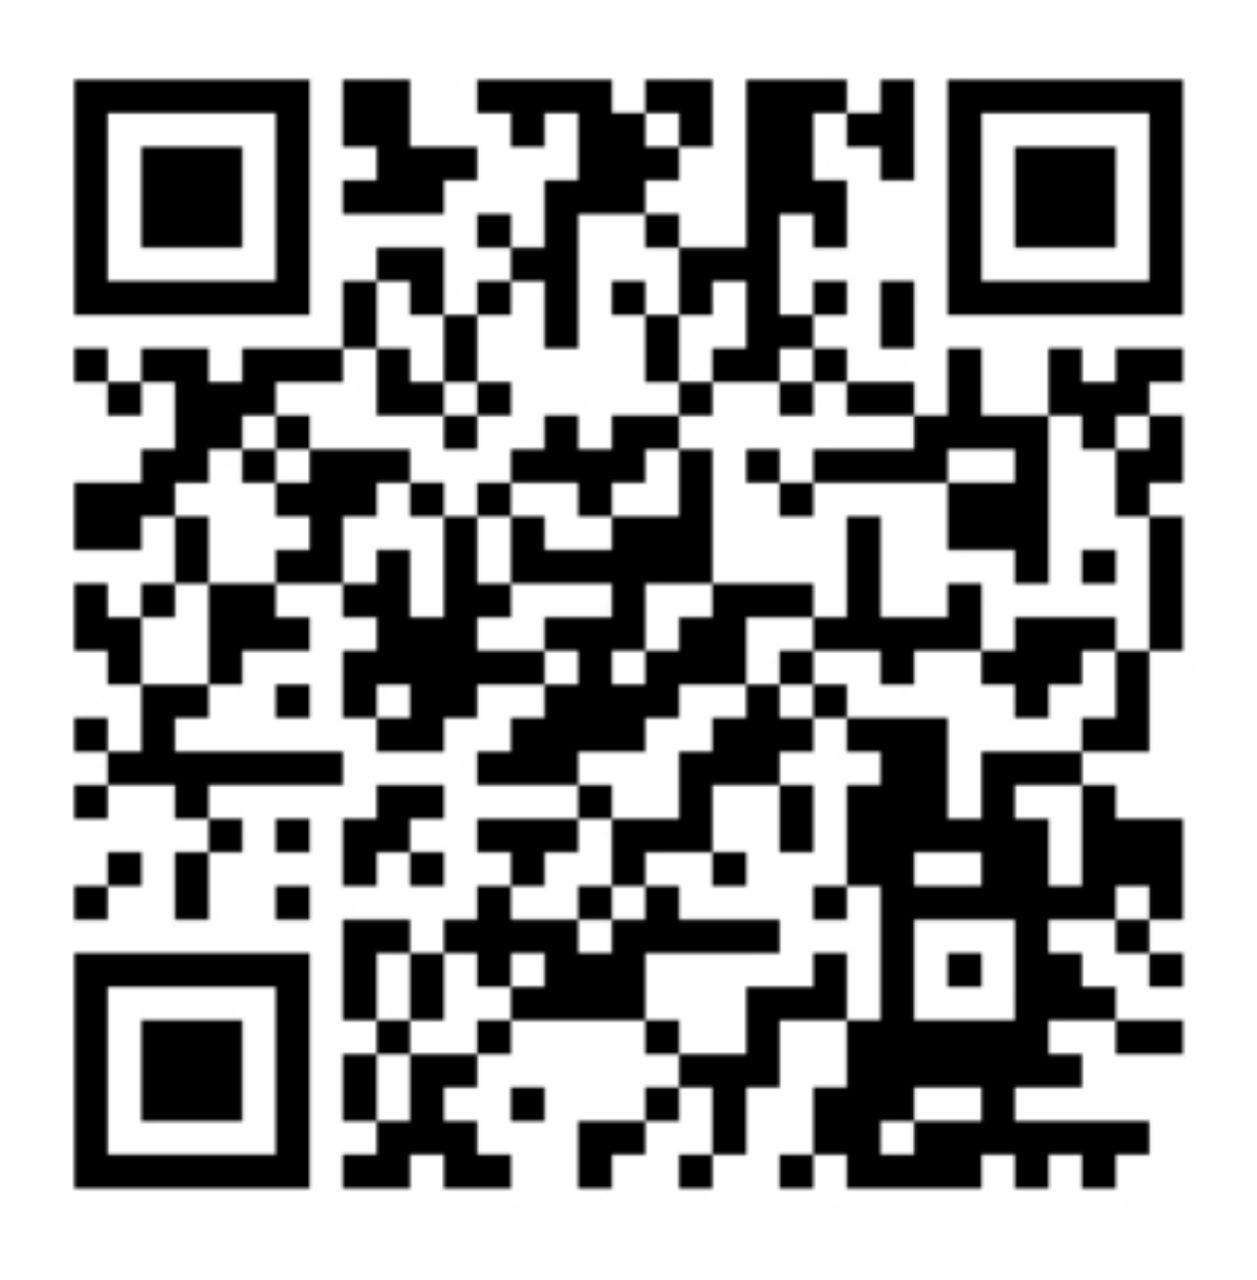 8add6922fe0379ea018278dd7b06b35b00434205.jpg